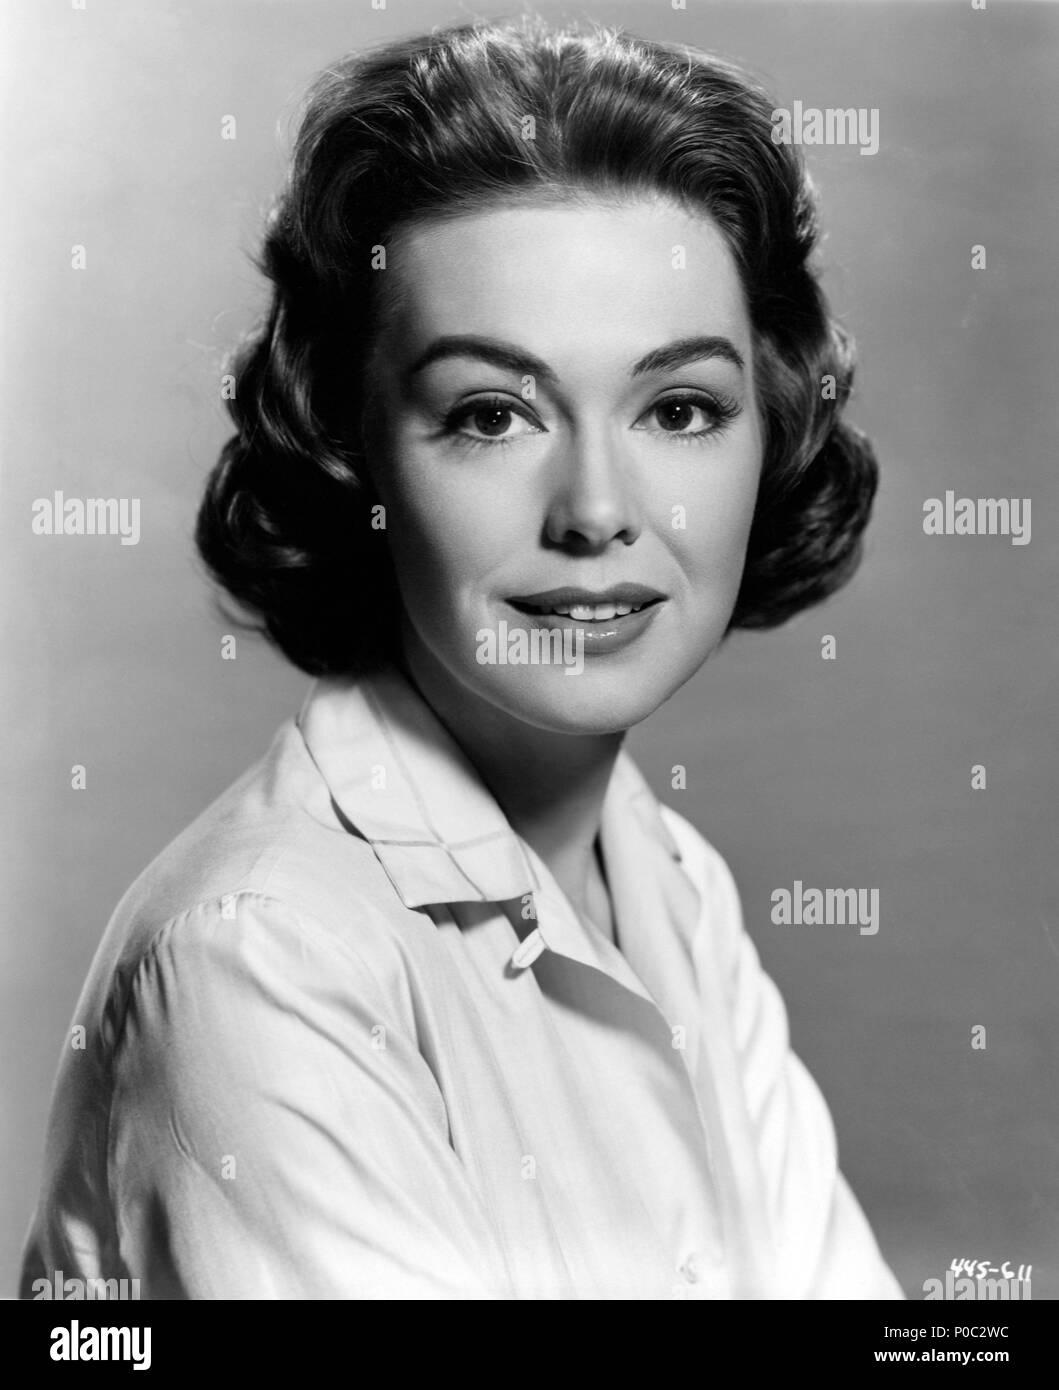 Loretta Ables Sayre,Victoria Tennant Porno image Charlotte Gregg,James Bolam (born 1935)